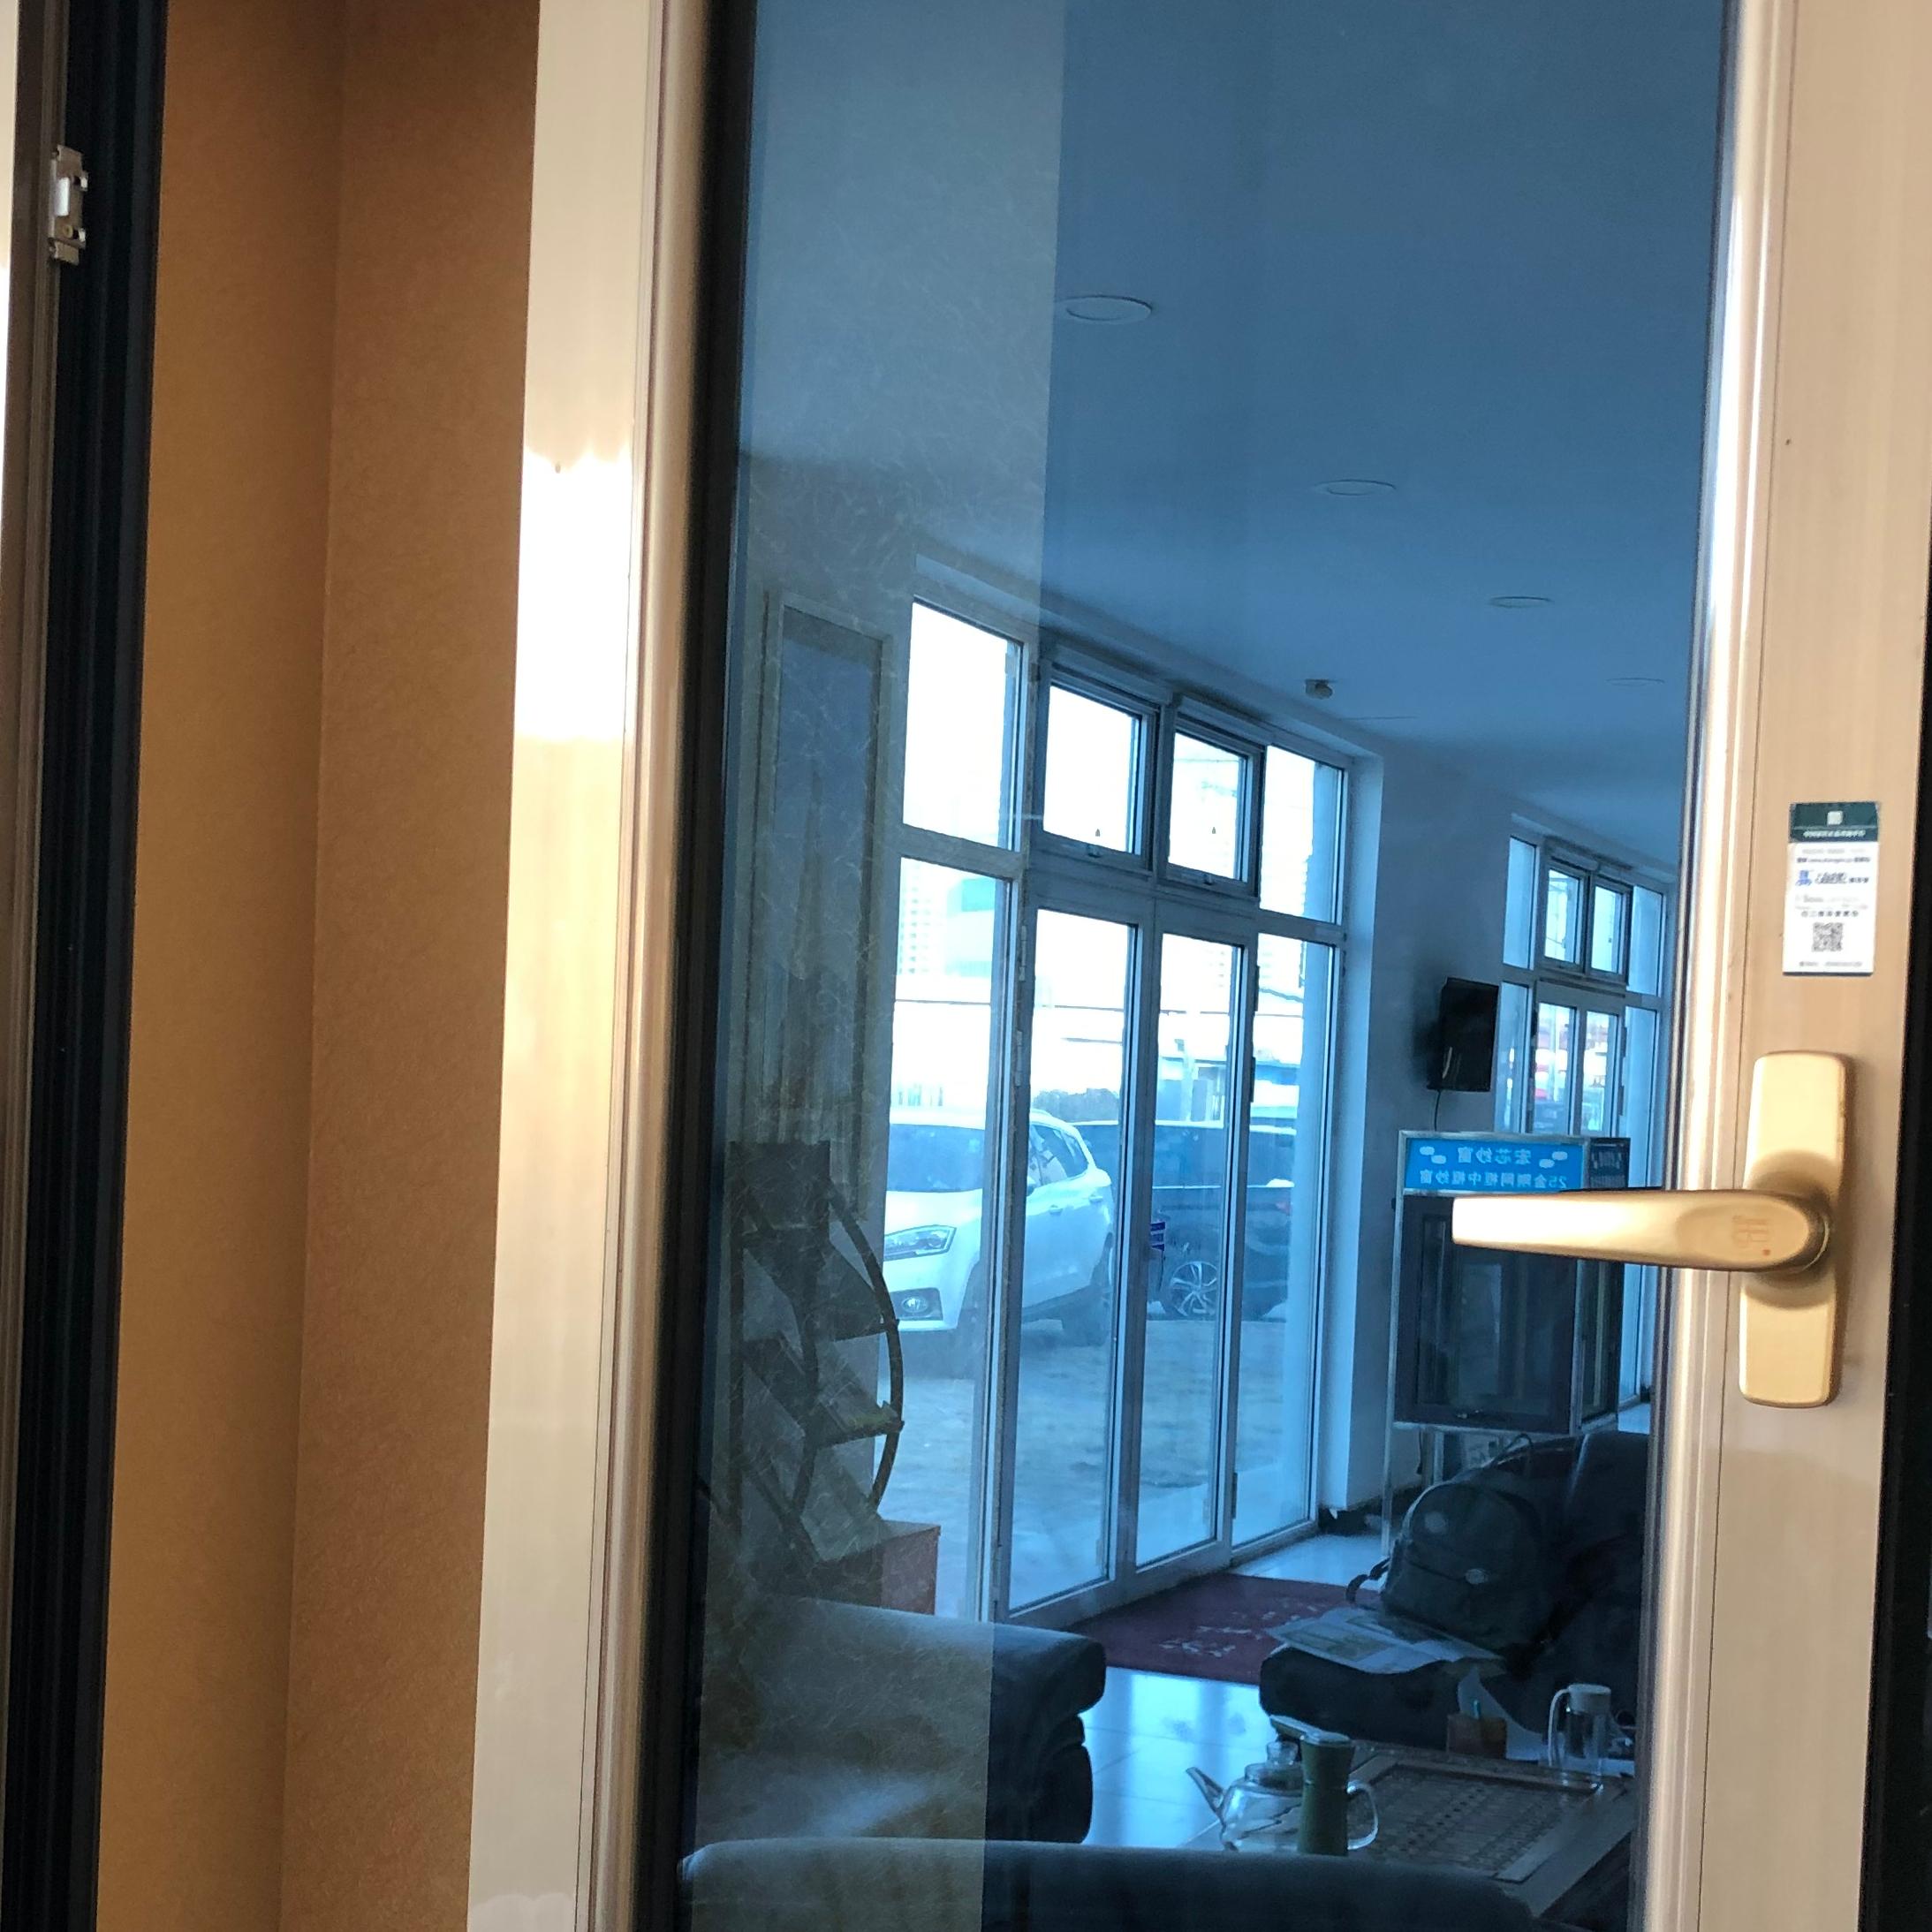 Baie Vitrée Voutée rechercher les meilleurs baie vitrée coulissante fabricants